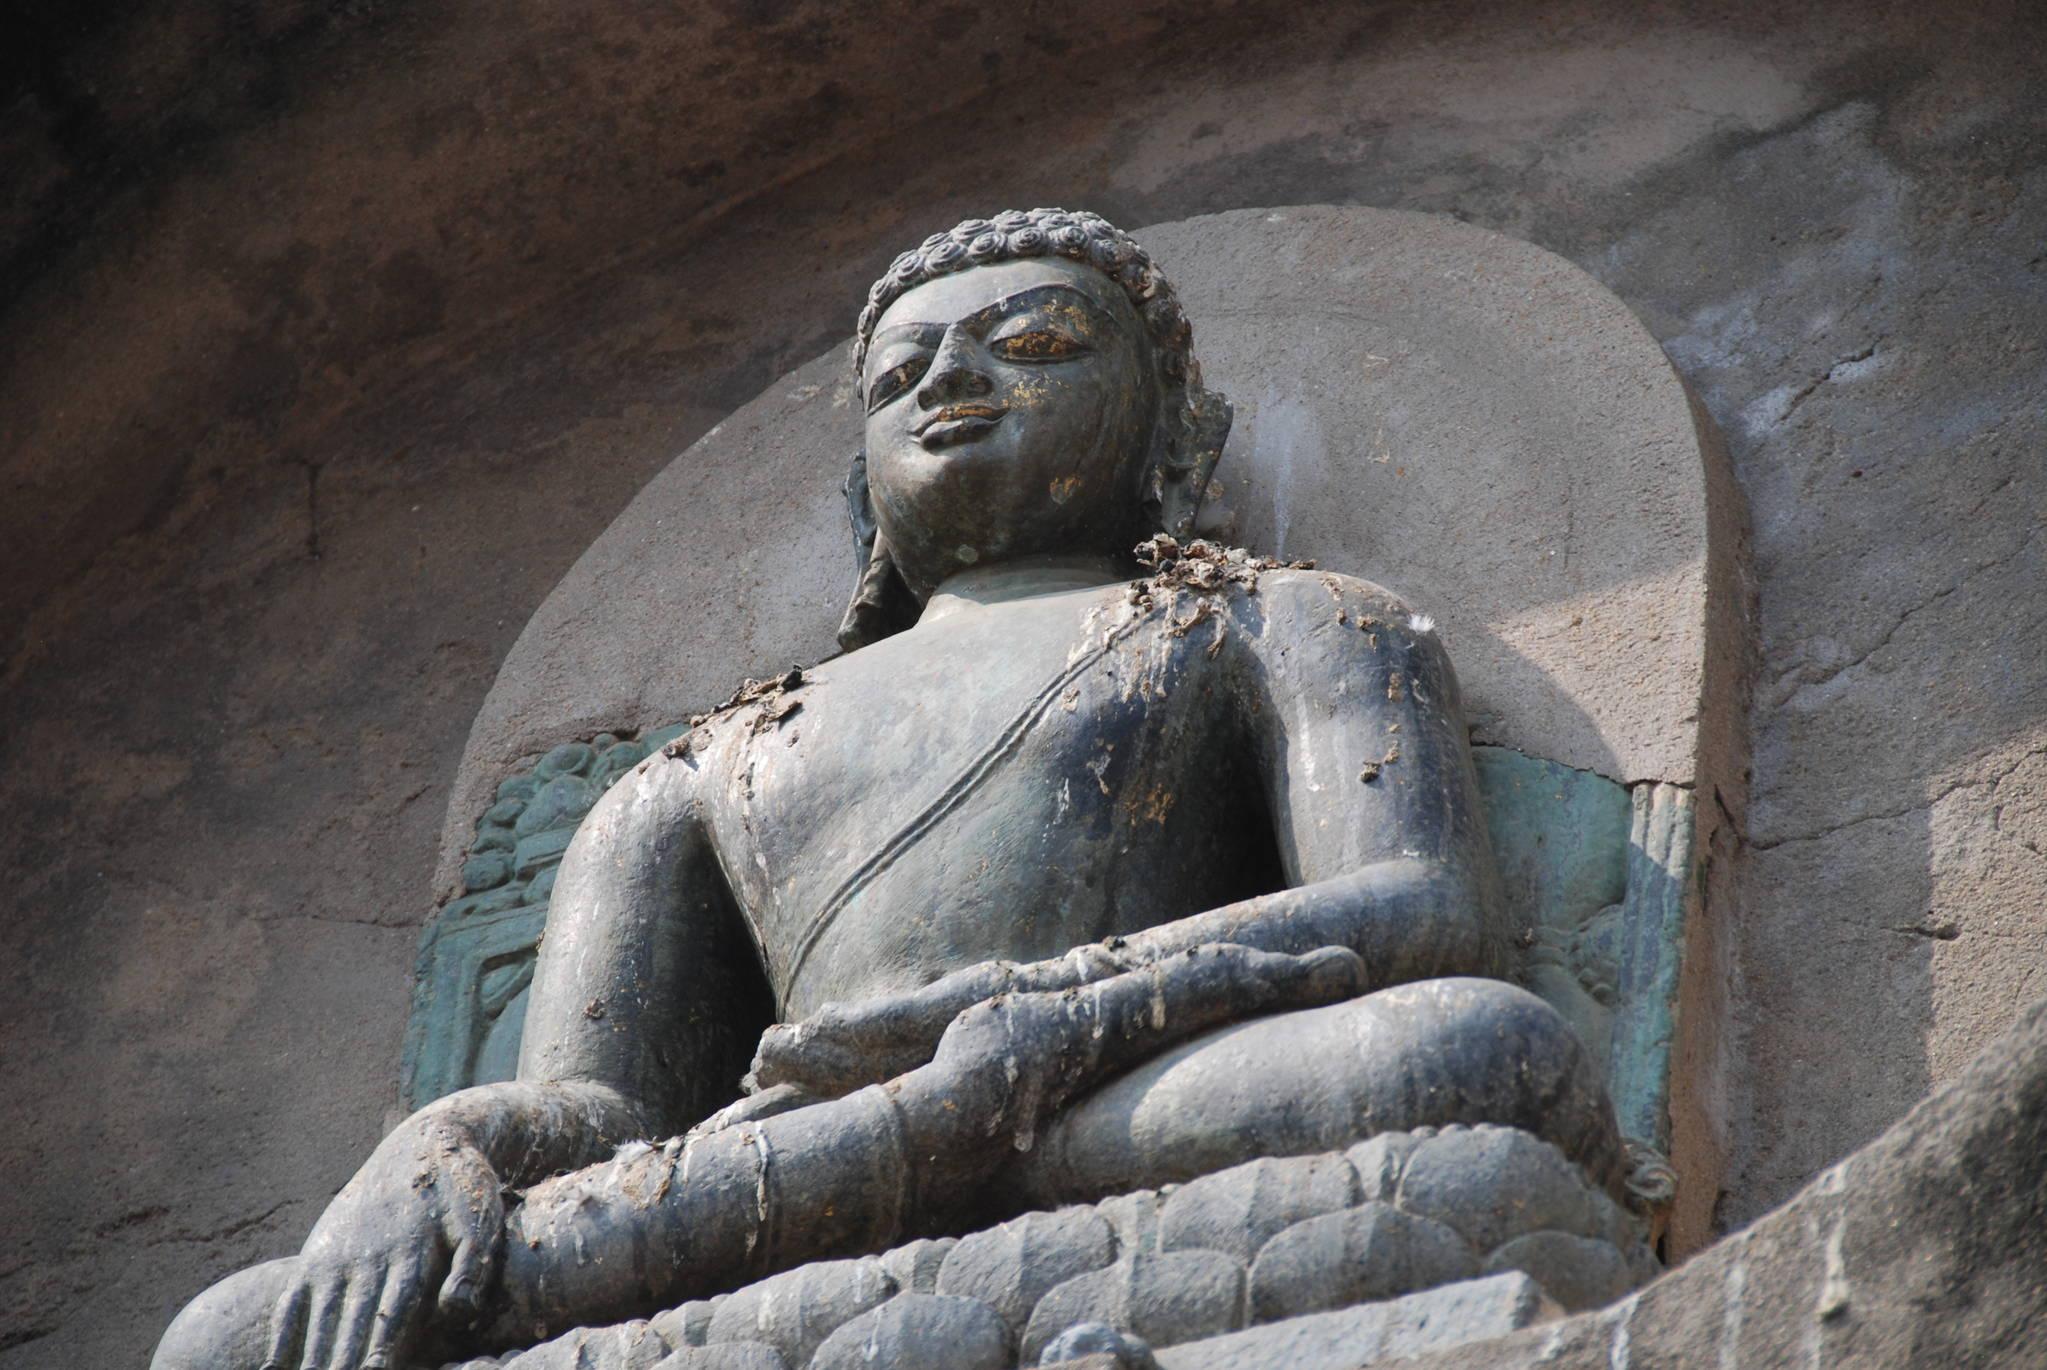 보드가야 대탑의 벽에 새겨져 있는 불상. 붓다의 가부좌는 고대 인도부터 내려오는 요가 수행의 자세이기도 하다. 백성호 기자